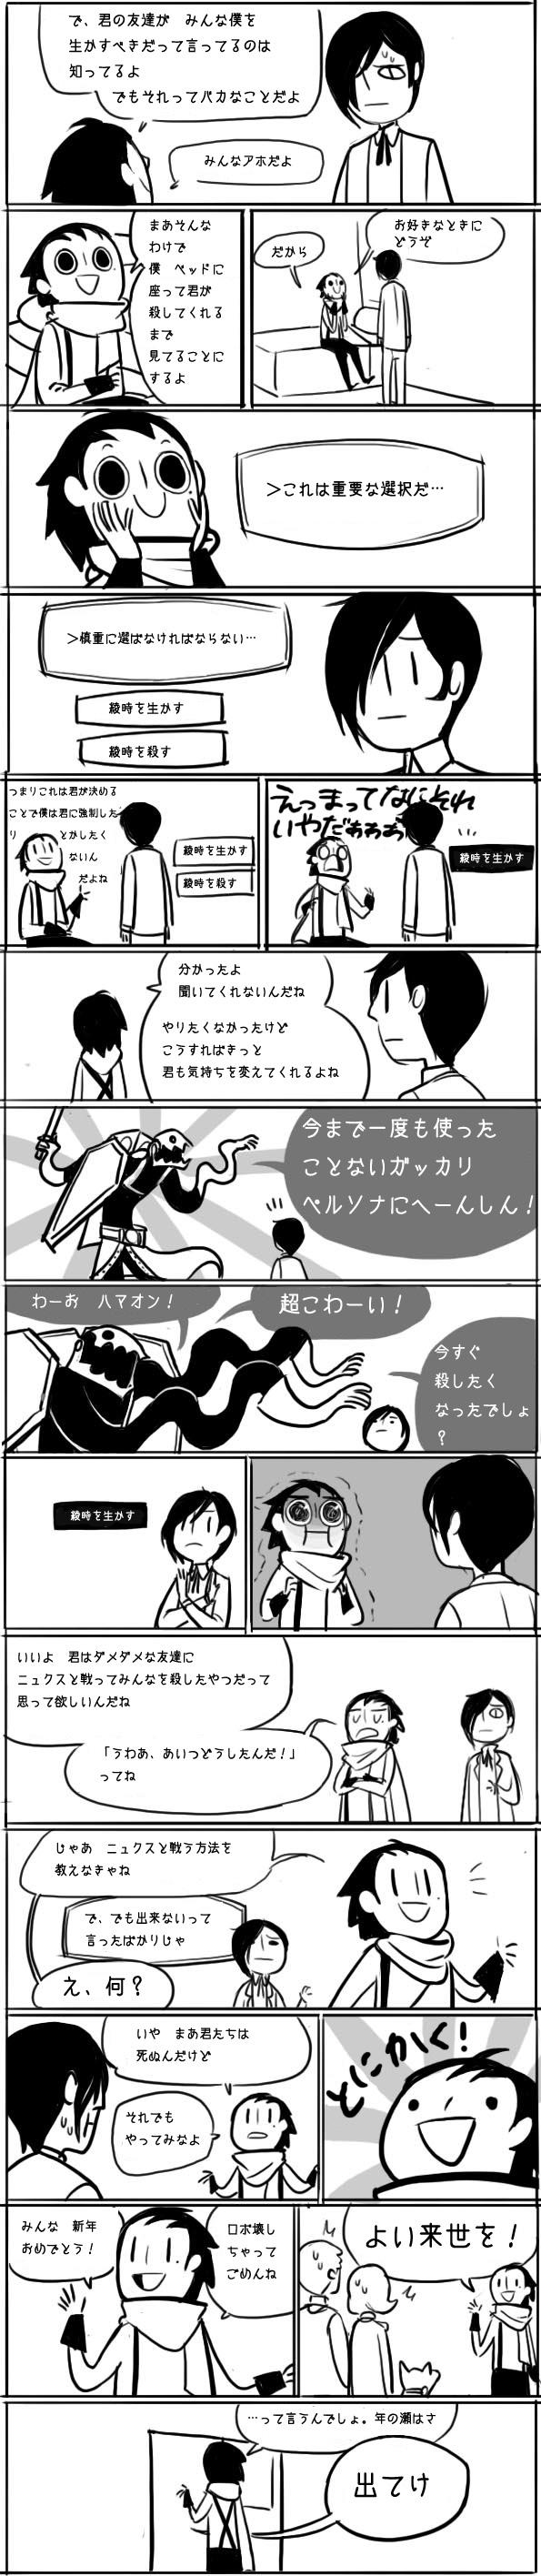 ryoji2.jpg